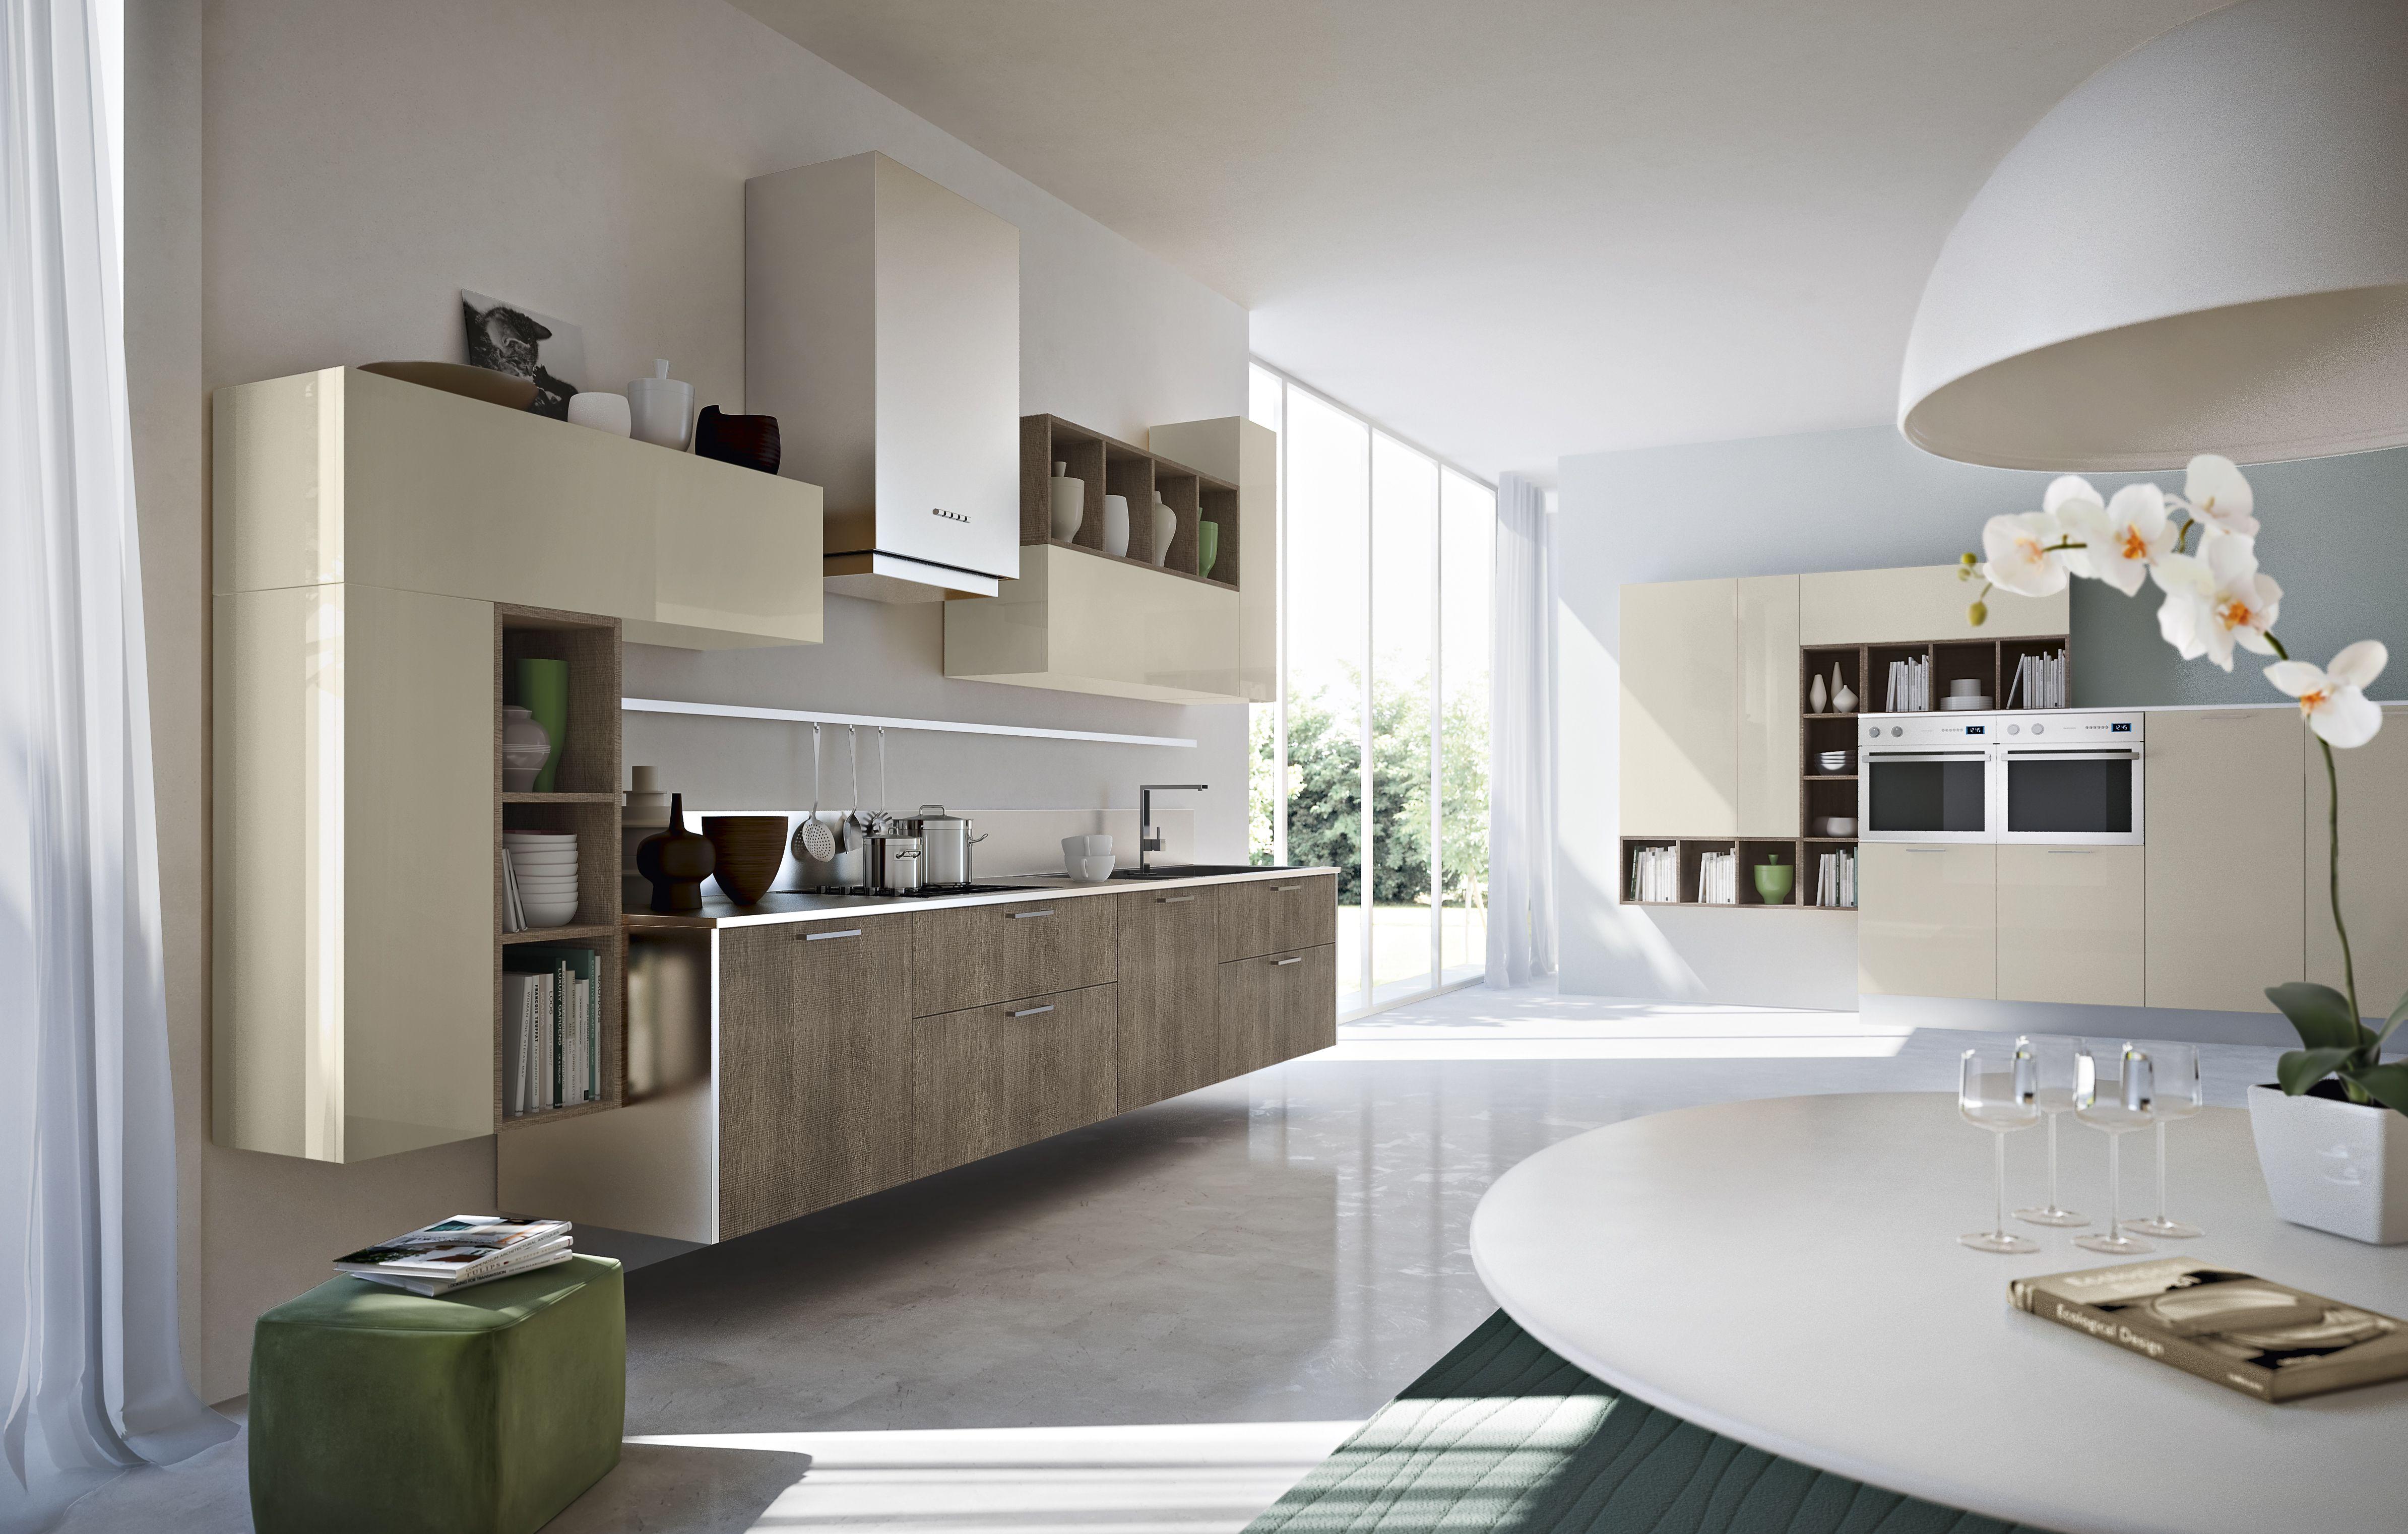 Eko 2015 Kitchen Design Nyc  Cocinas  Pinterest  Kitchen Design Classy Modern Kitchen Cabinets Nyc 2018